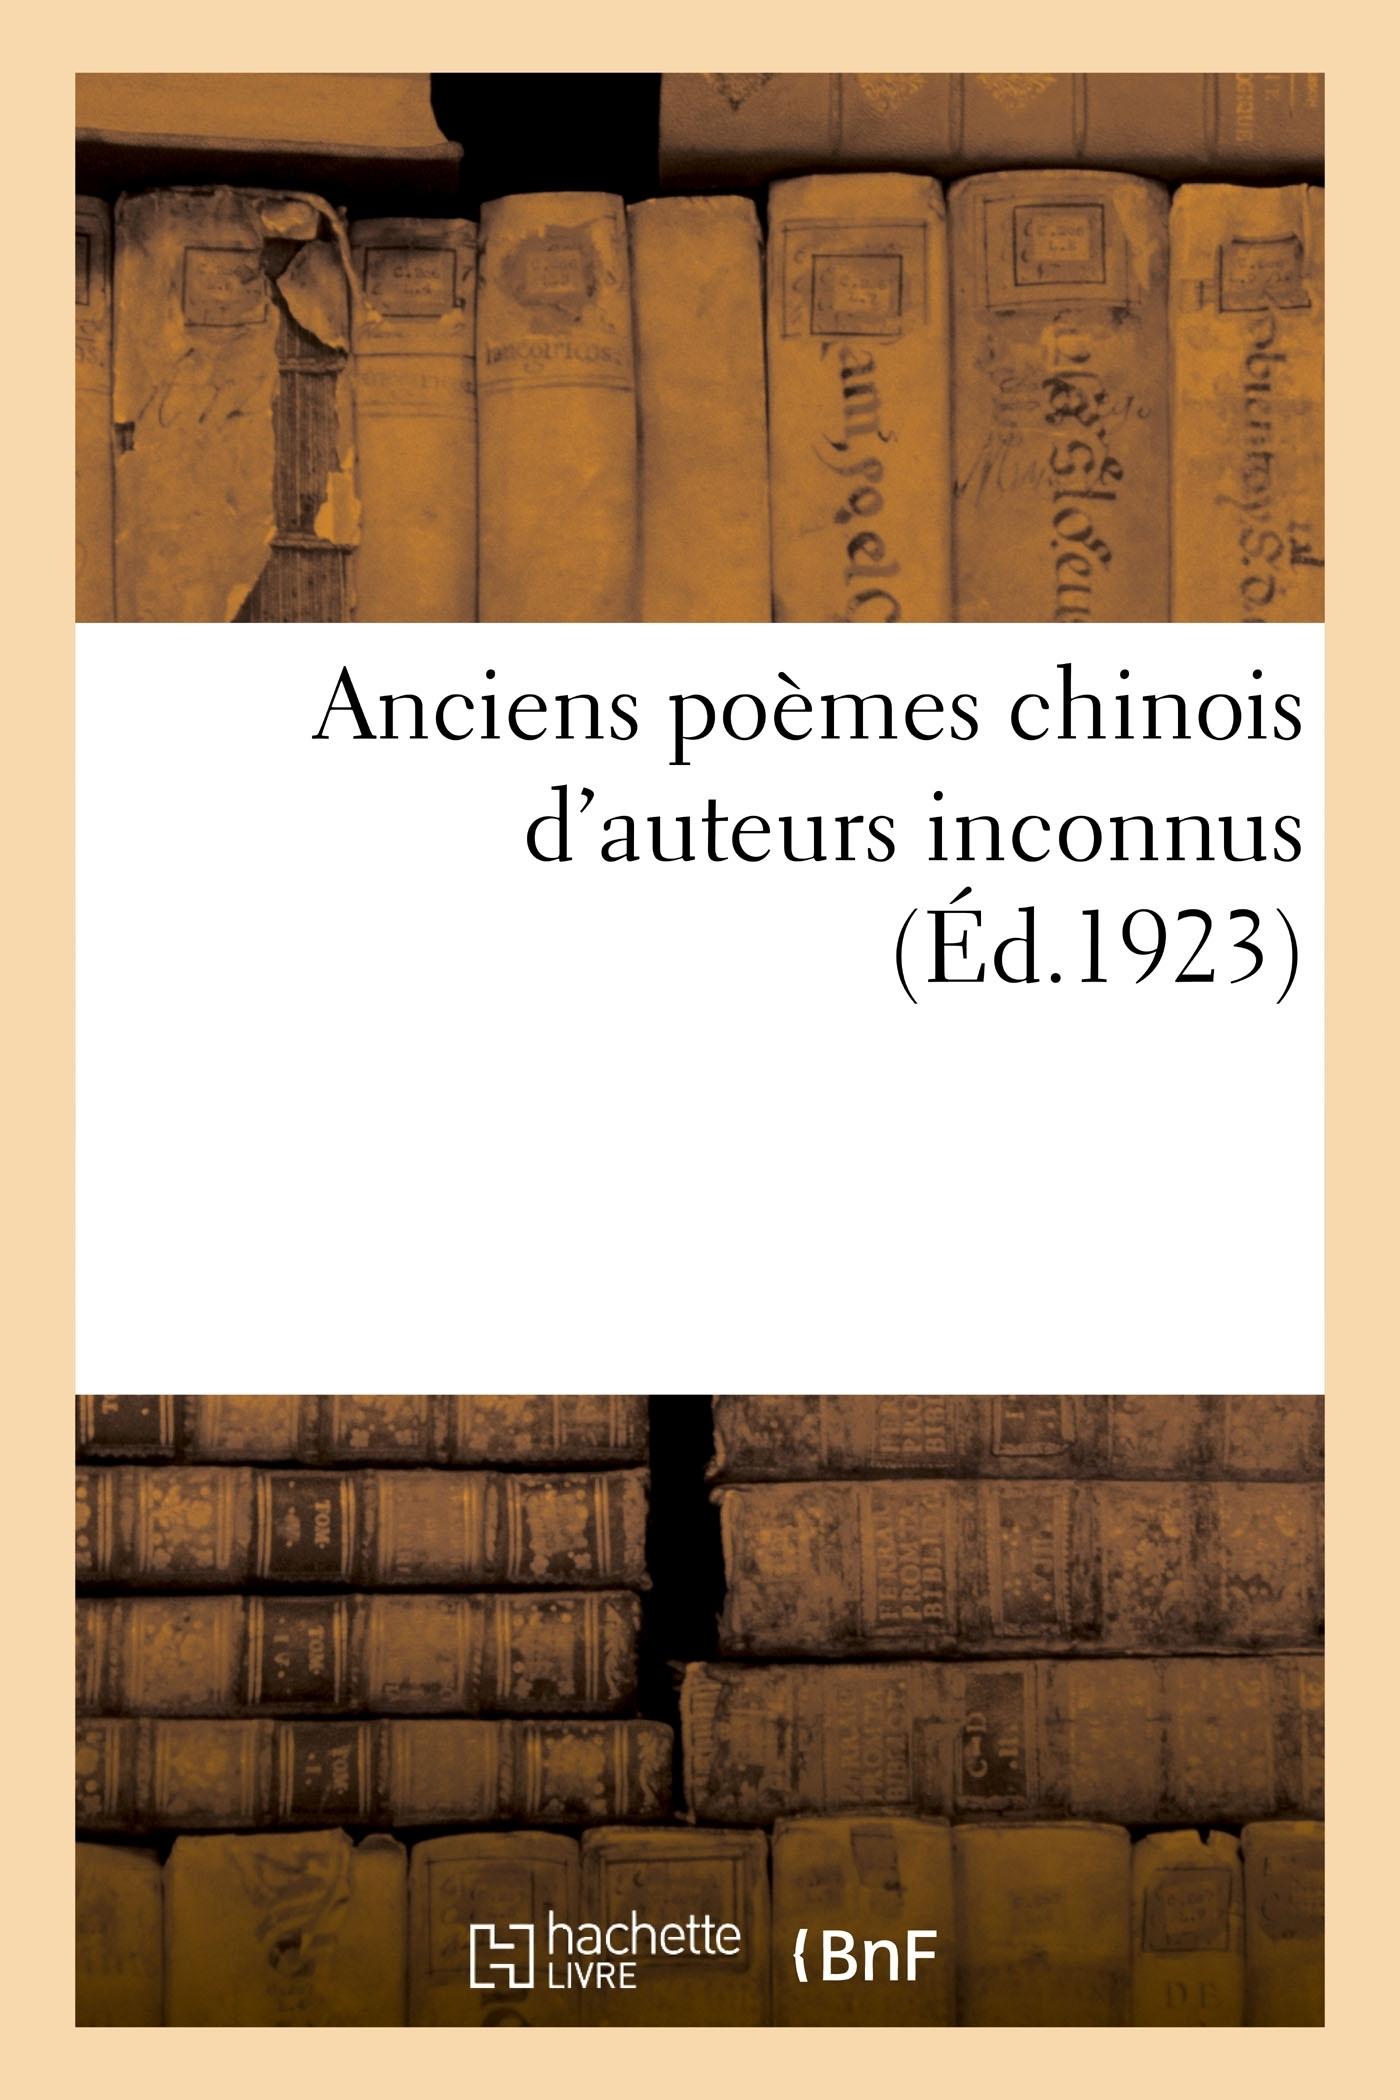 ANCIENS POEMES CHINOIS D'AUTEURS INCONNUS